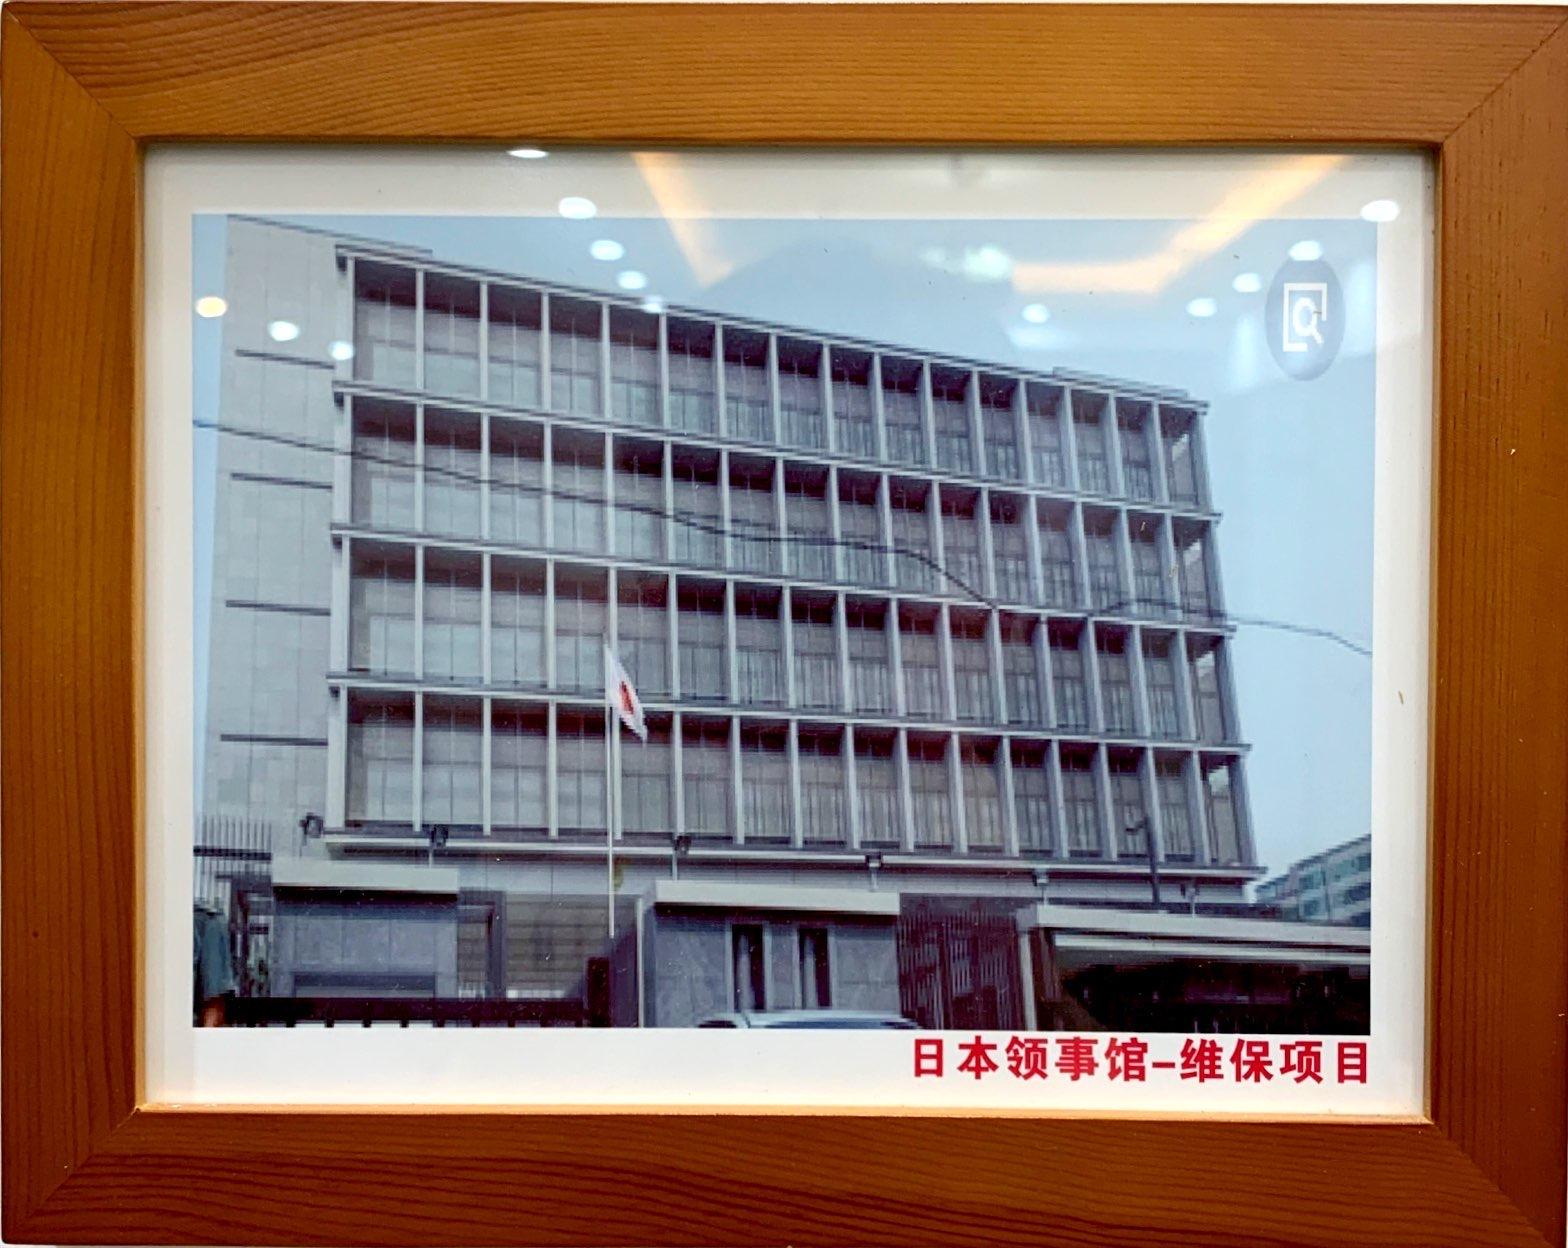 日本領事館-維保項目